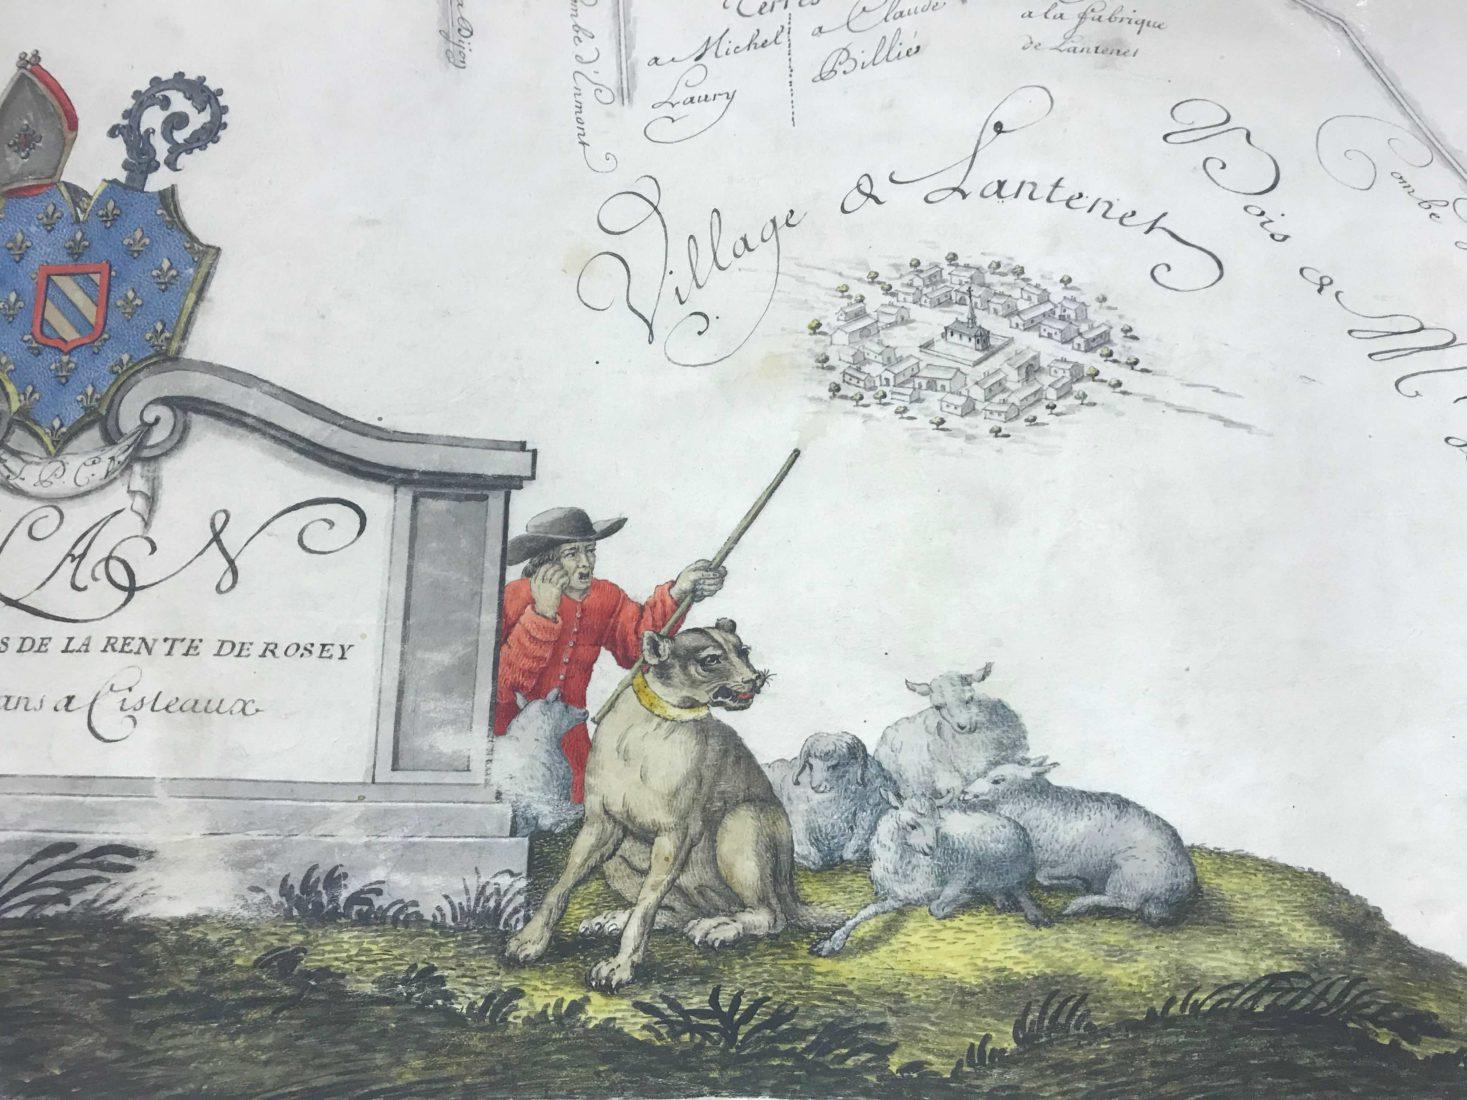 Archives départementales Côte-d'Or Atlas de Citeaux Lantenet